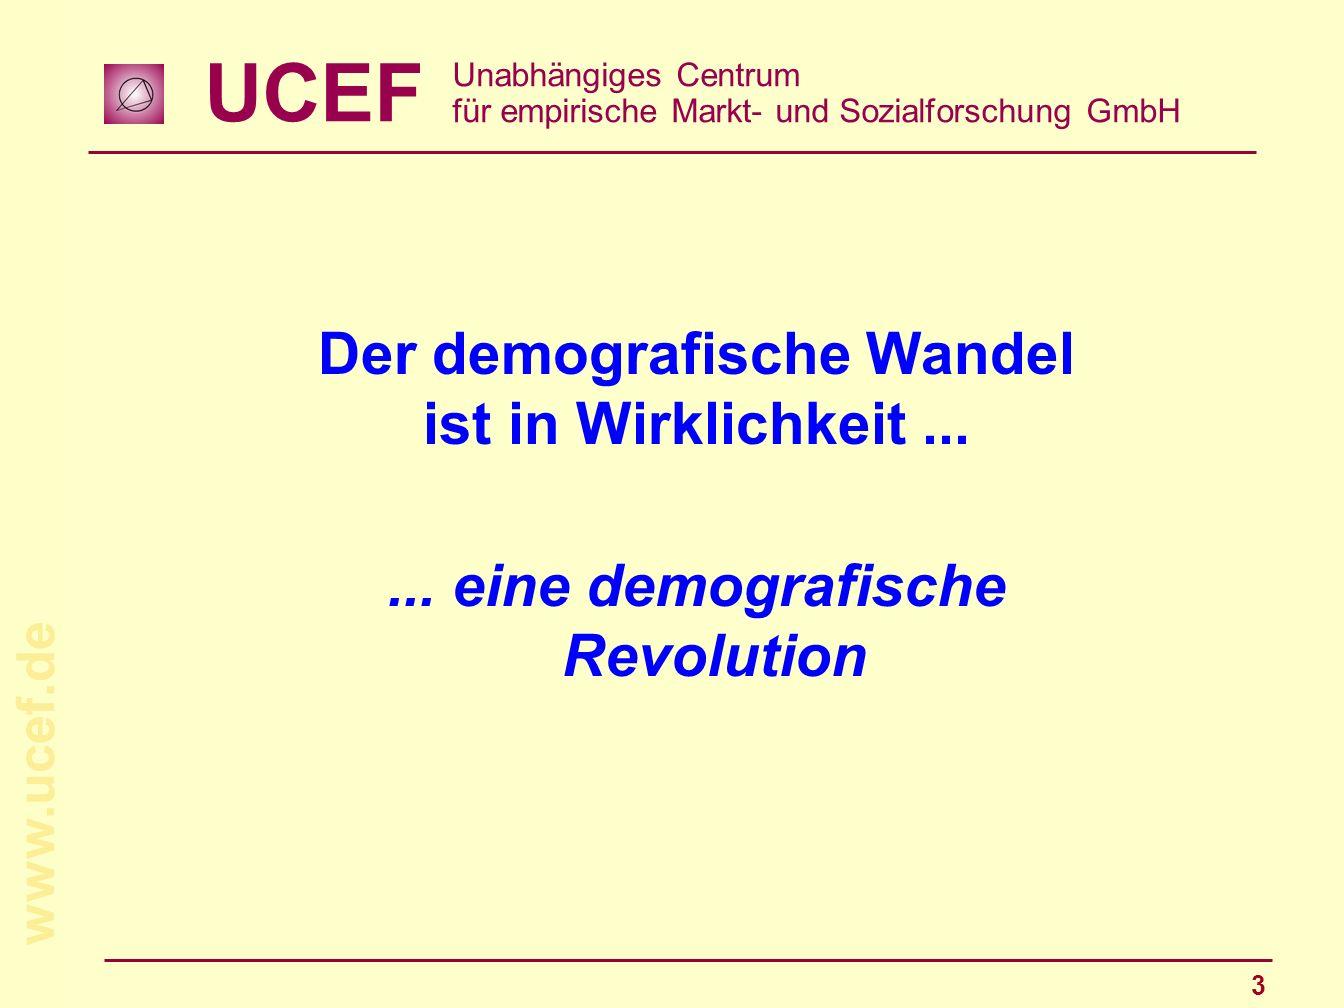 UCEF Unabhängiges Centrum für empirische Markt- und Sozialforschung GmbH www.ucef.de 3 Der demografische Wandel ist in Wirklichkeit...... eine demogra